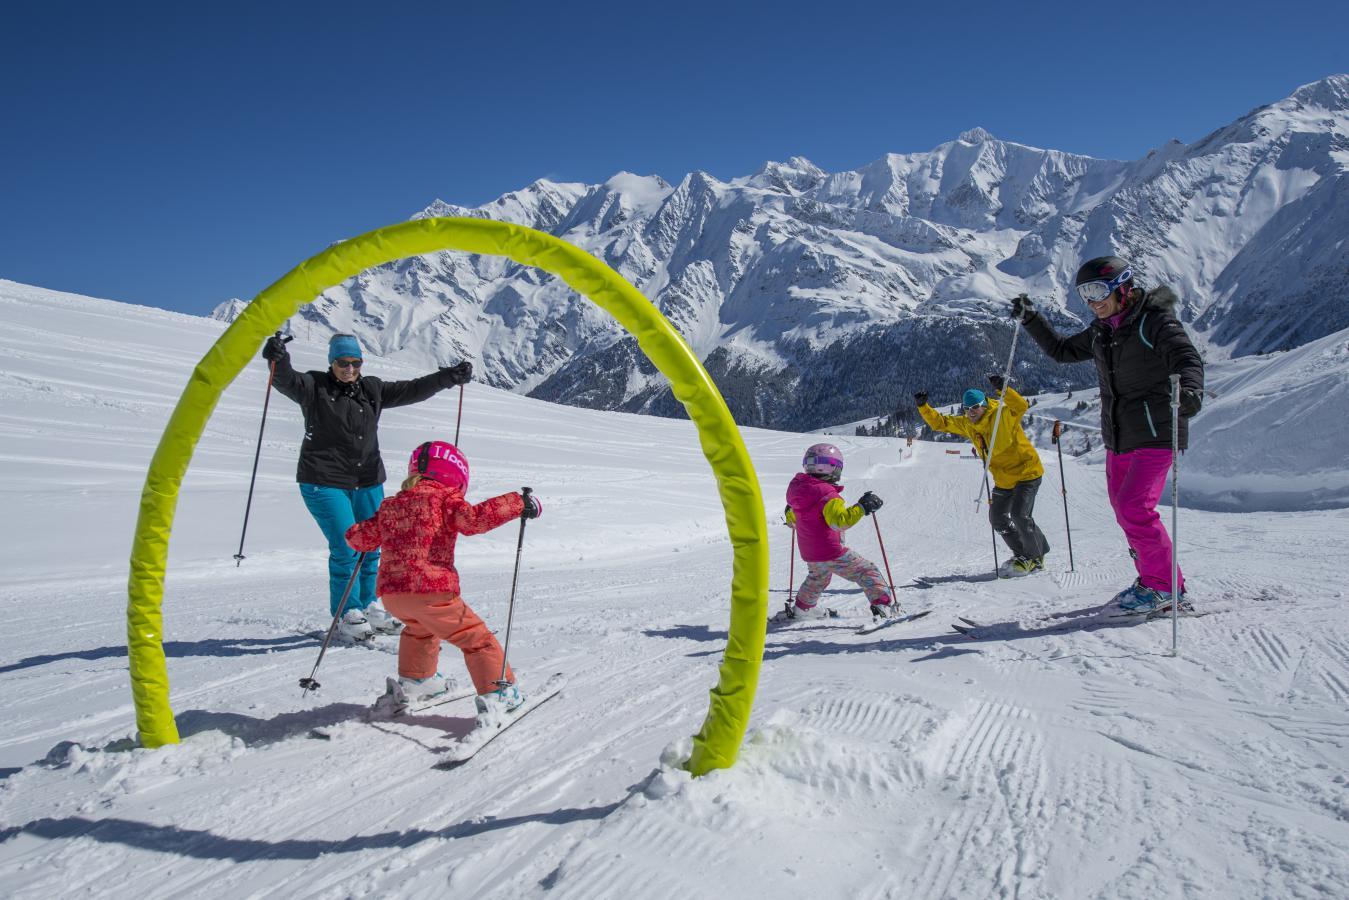 Savoie Mont Blanc : la destination famille de vos prochaines vacances !